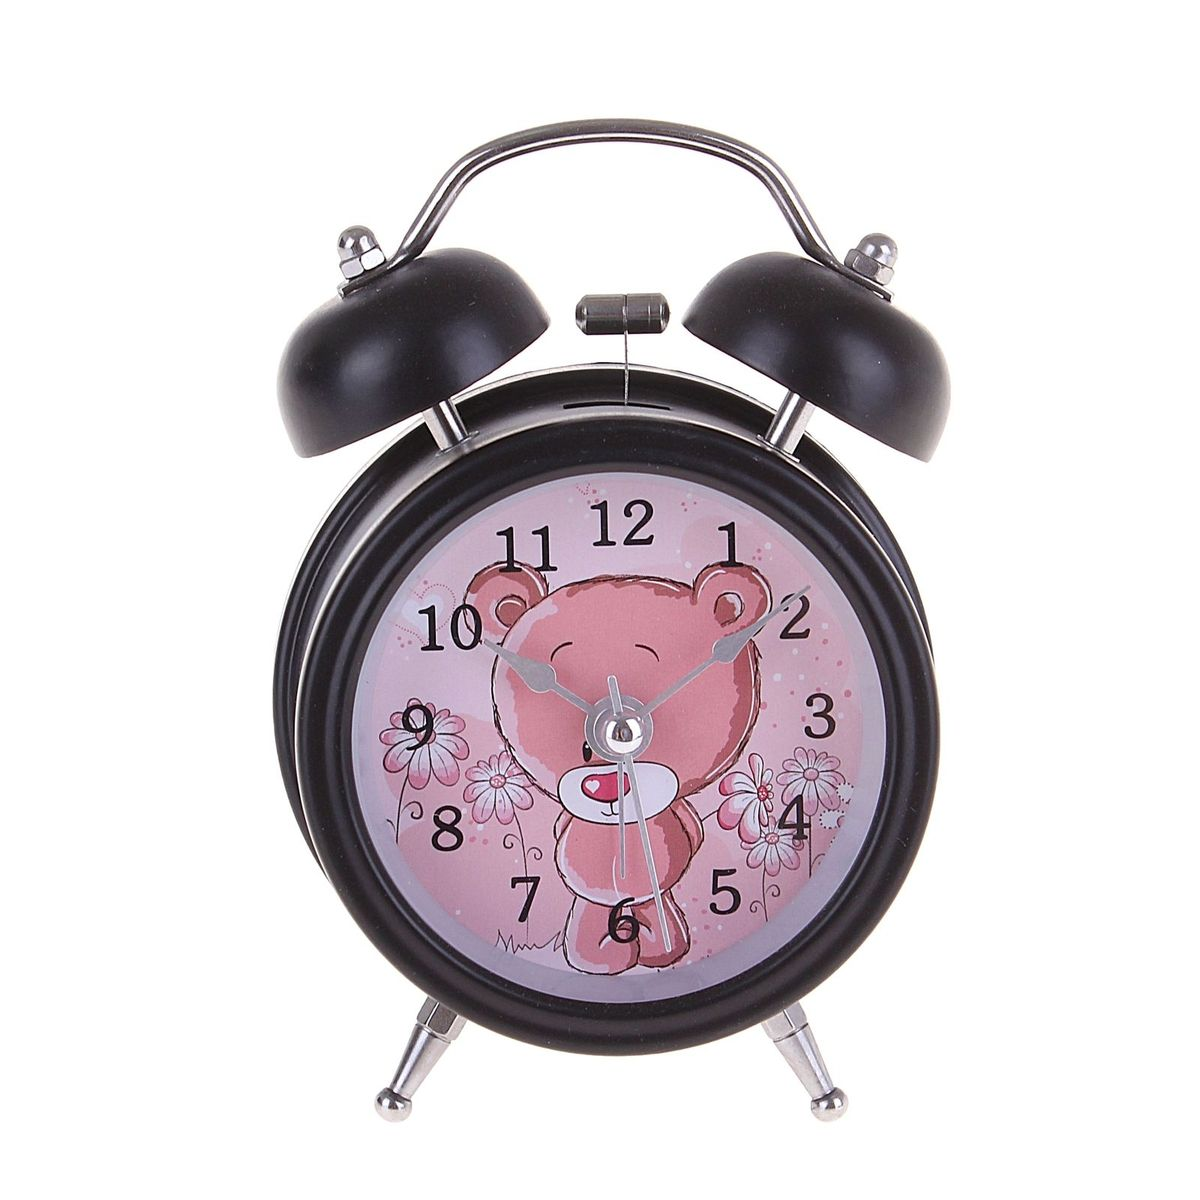 Будильник Мишка-стесняшка, цвет: черный, розовый. 127199127199Каждое утро вы боитесь проспать?Будьте абсолютно уверены в том, что с таким будильником вам точно не удастся снова уснуть! Теперь вы сможете просыпаться утром под звуки стильного классического будильника. Яркий будильник украсит вашу комнату и приведет в восхищение друга. Будильник работает от 1 батареи типа АА. На задней панели будильника расположены переключатель включения/выключения механизма и два колесика для настройки текущего времени и времени звонка будильника.